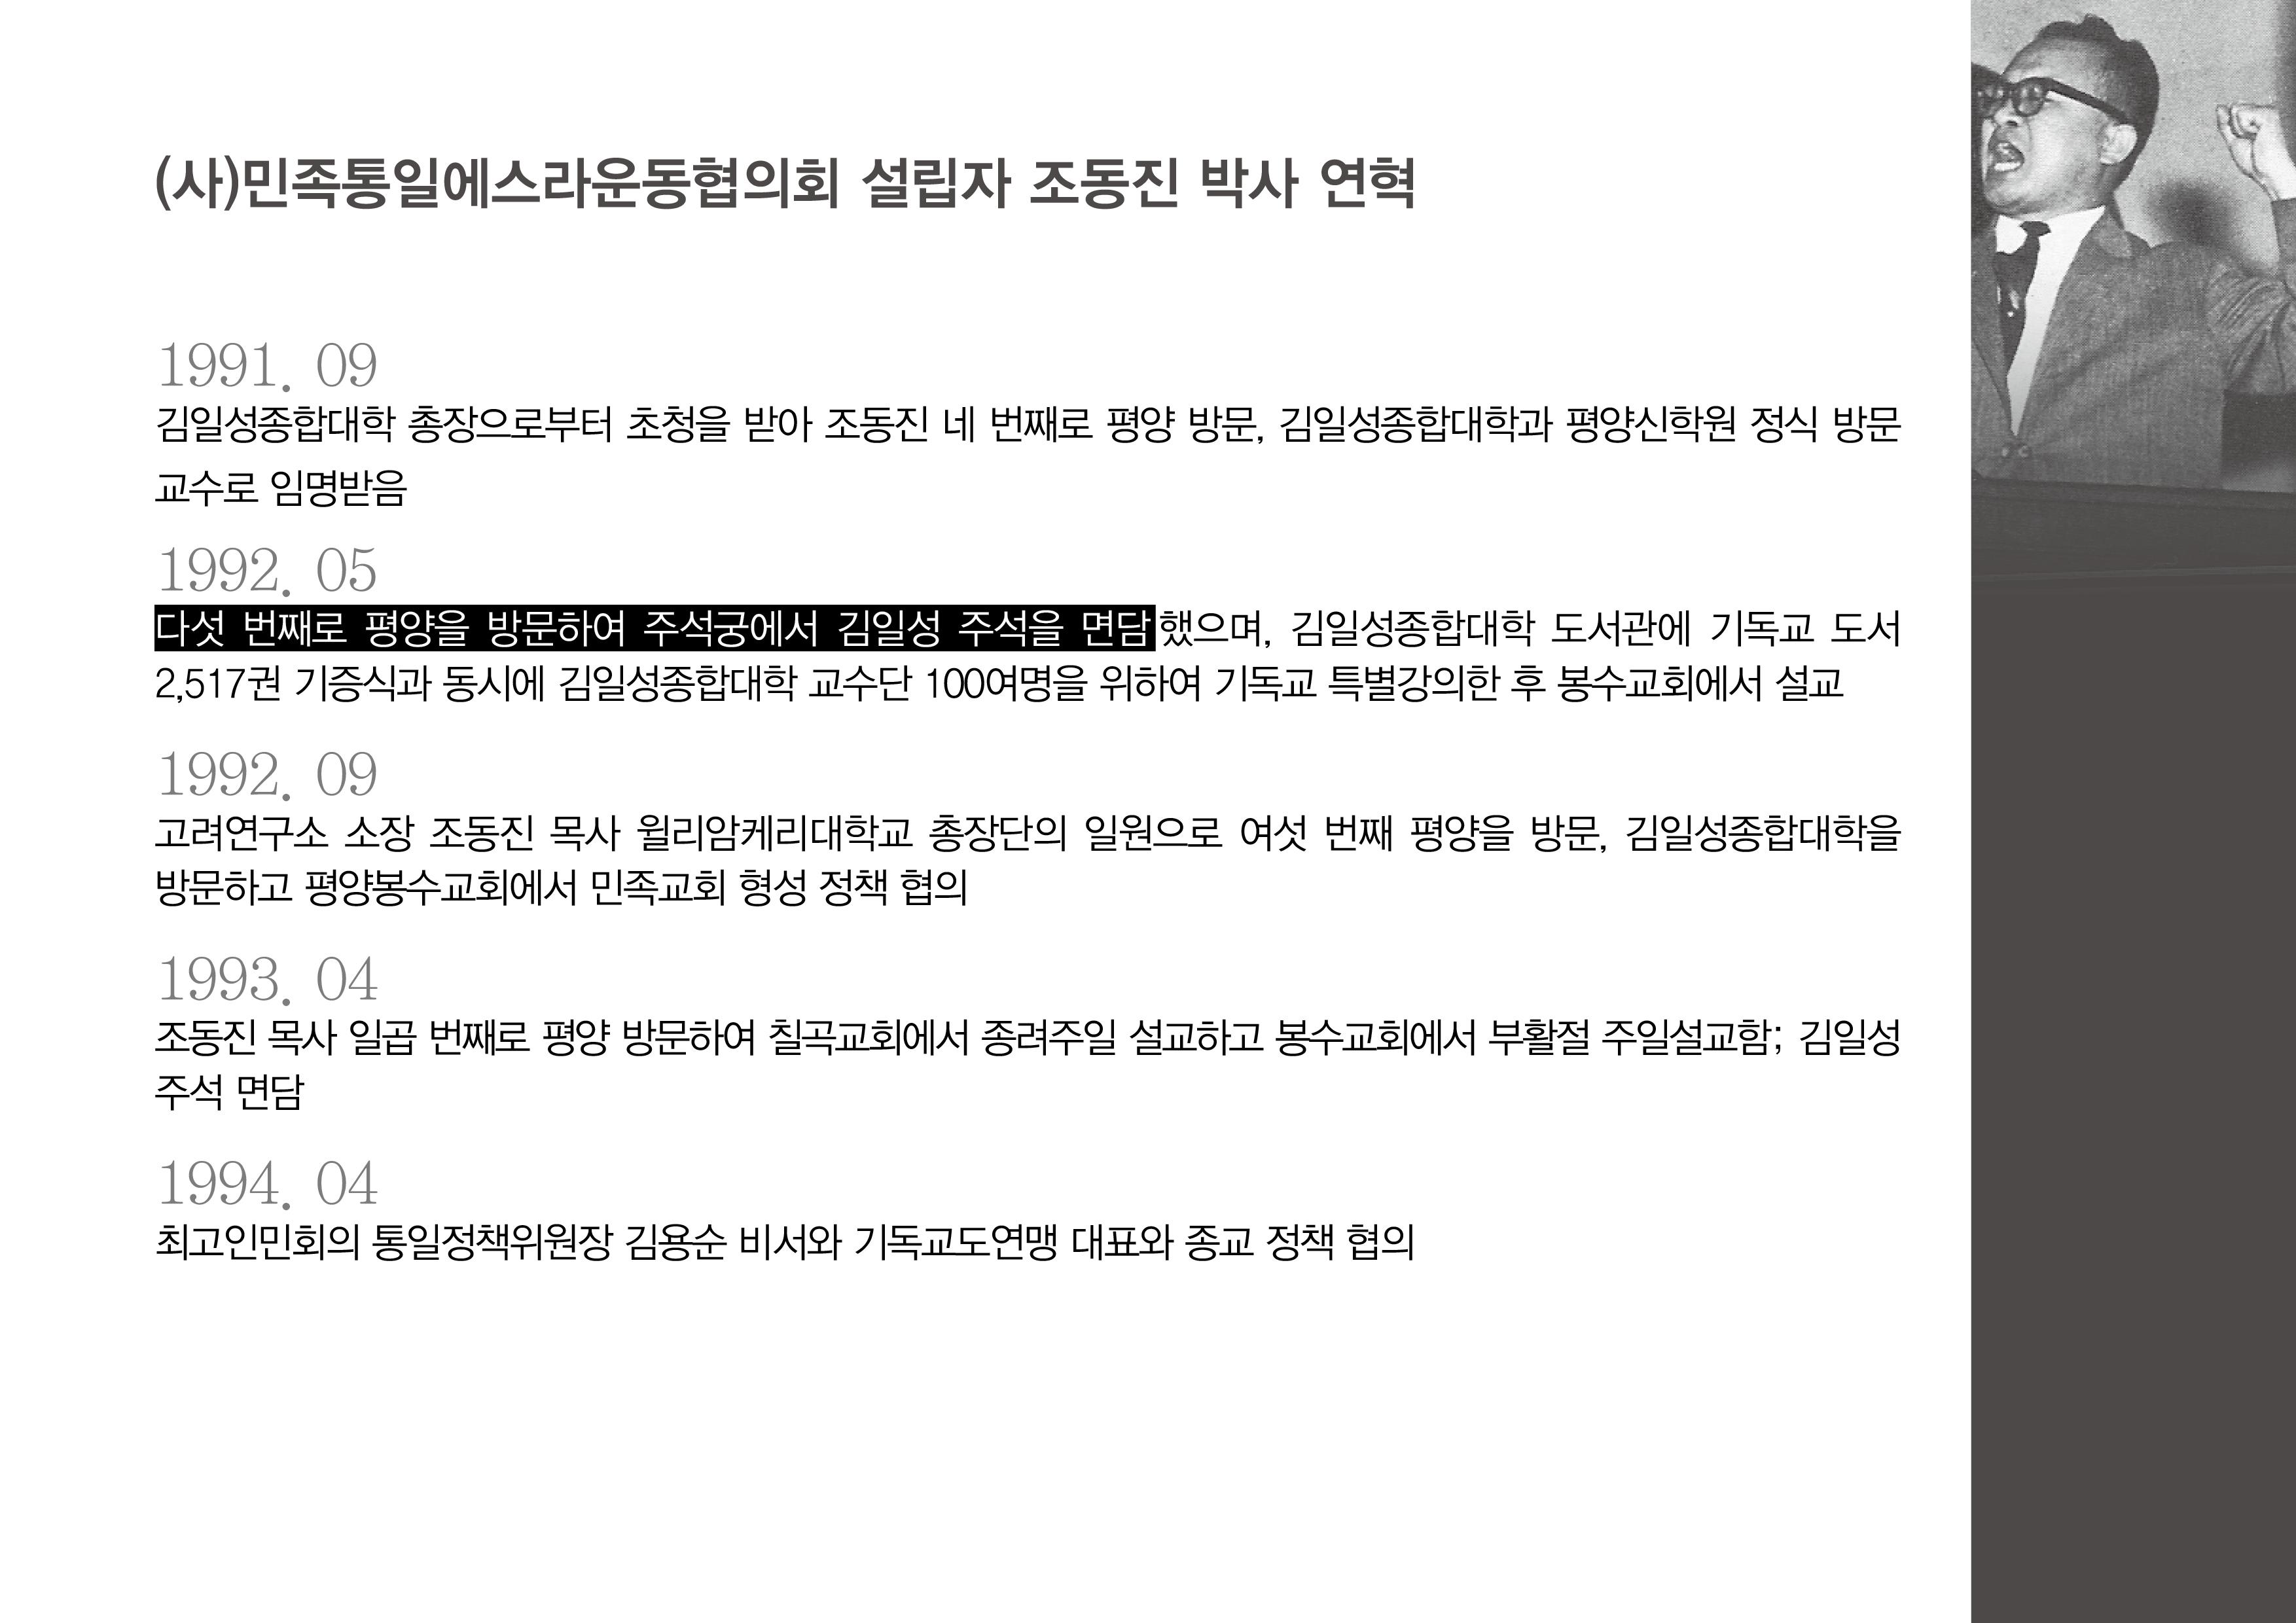 민족통일에스라운동협의회_최종5.jpg